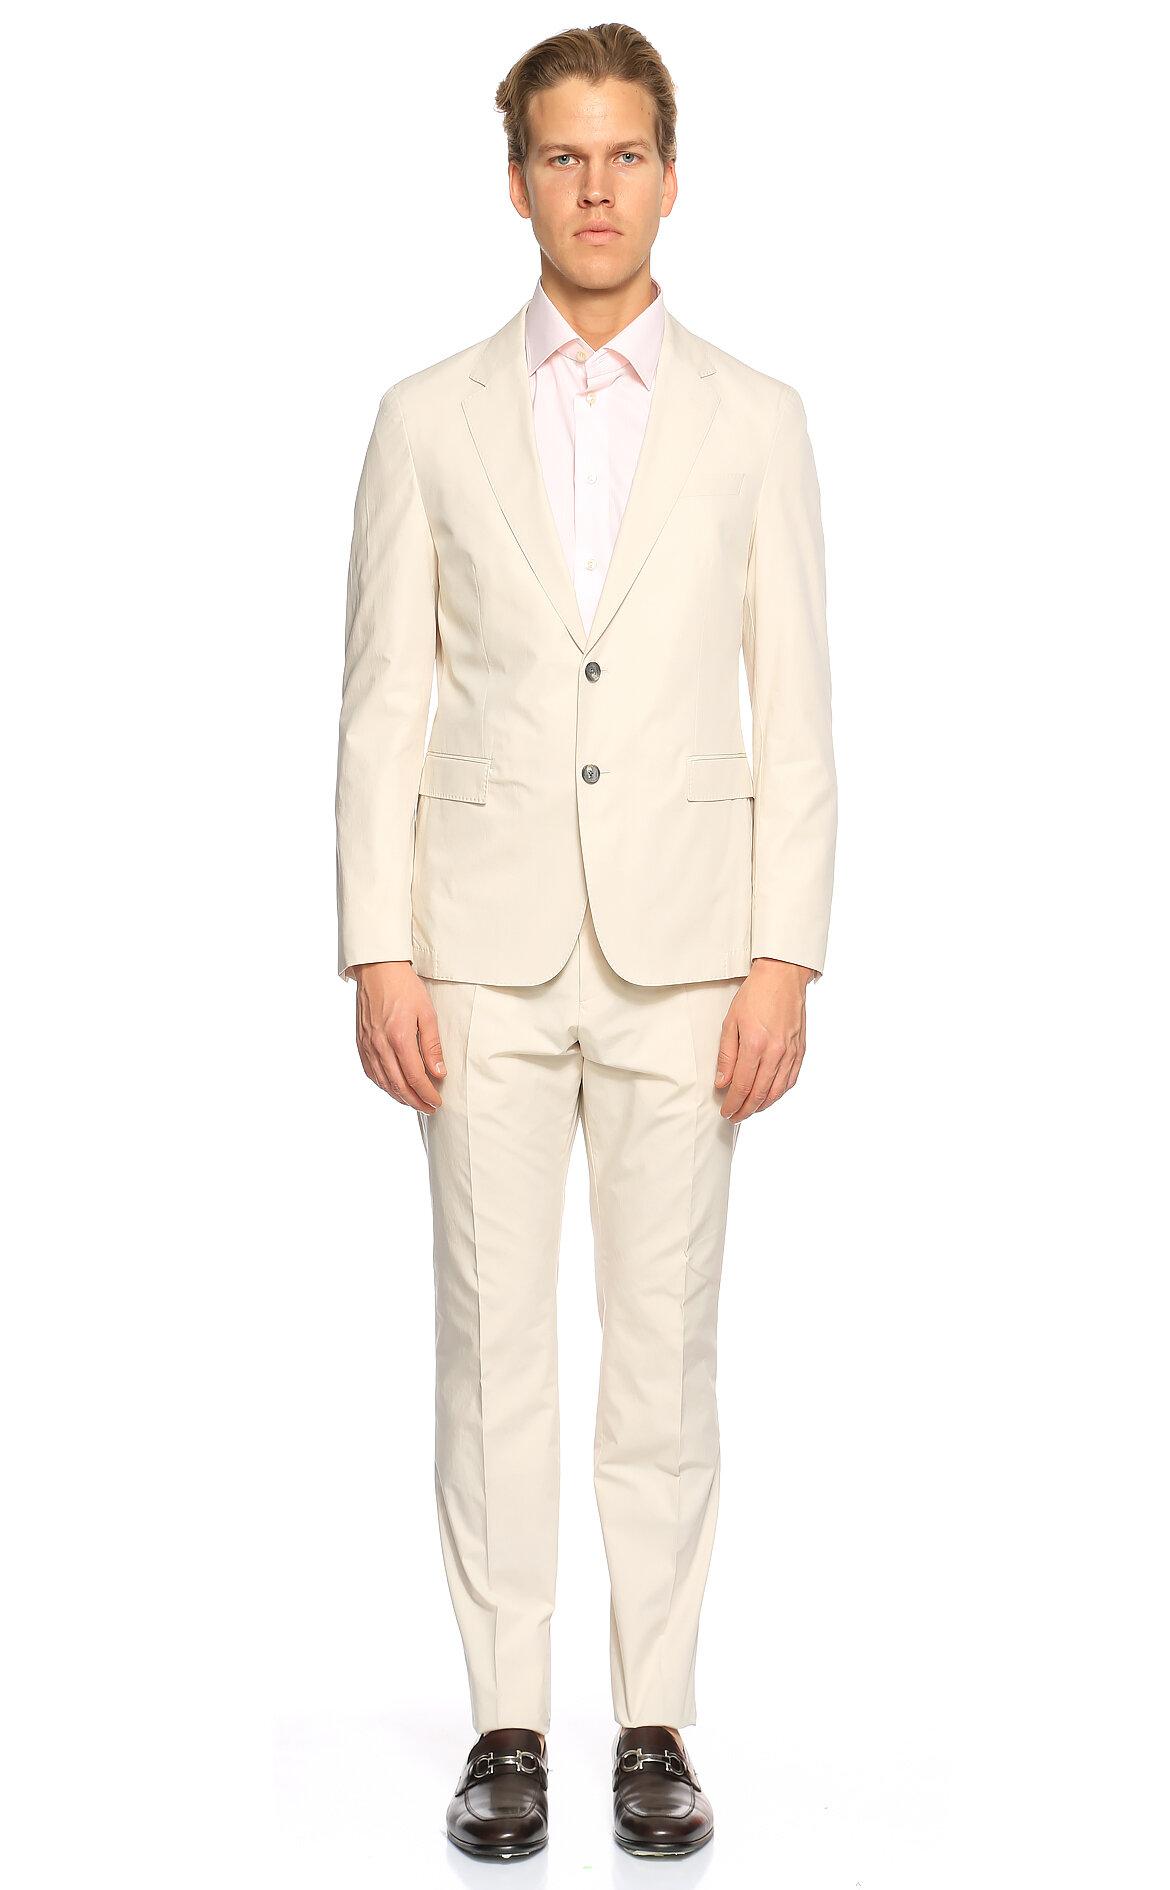 Hugo Boss-Hugo Boss Bej Takım Elbise